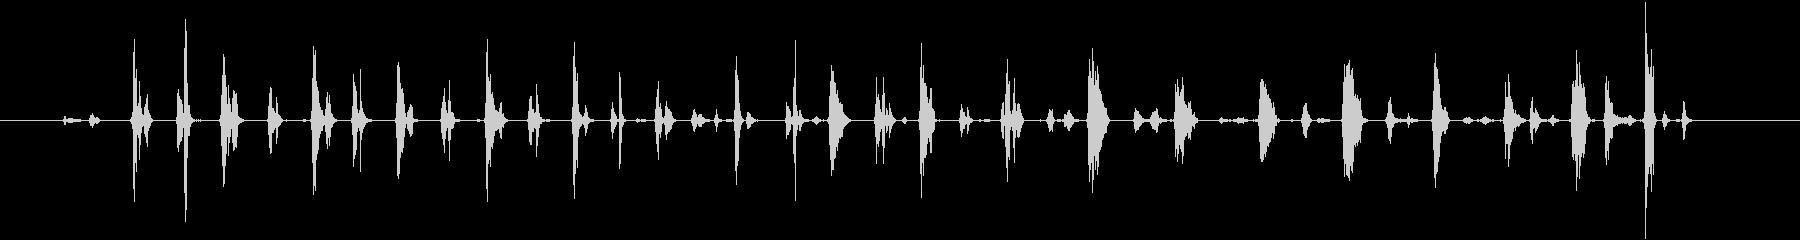 ソノグラム;内部の人間の空洞の心臓...の未再生の波形